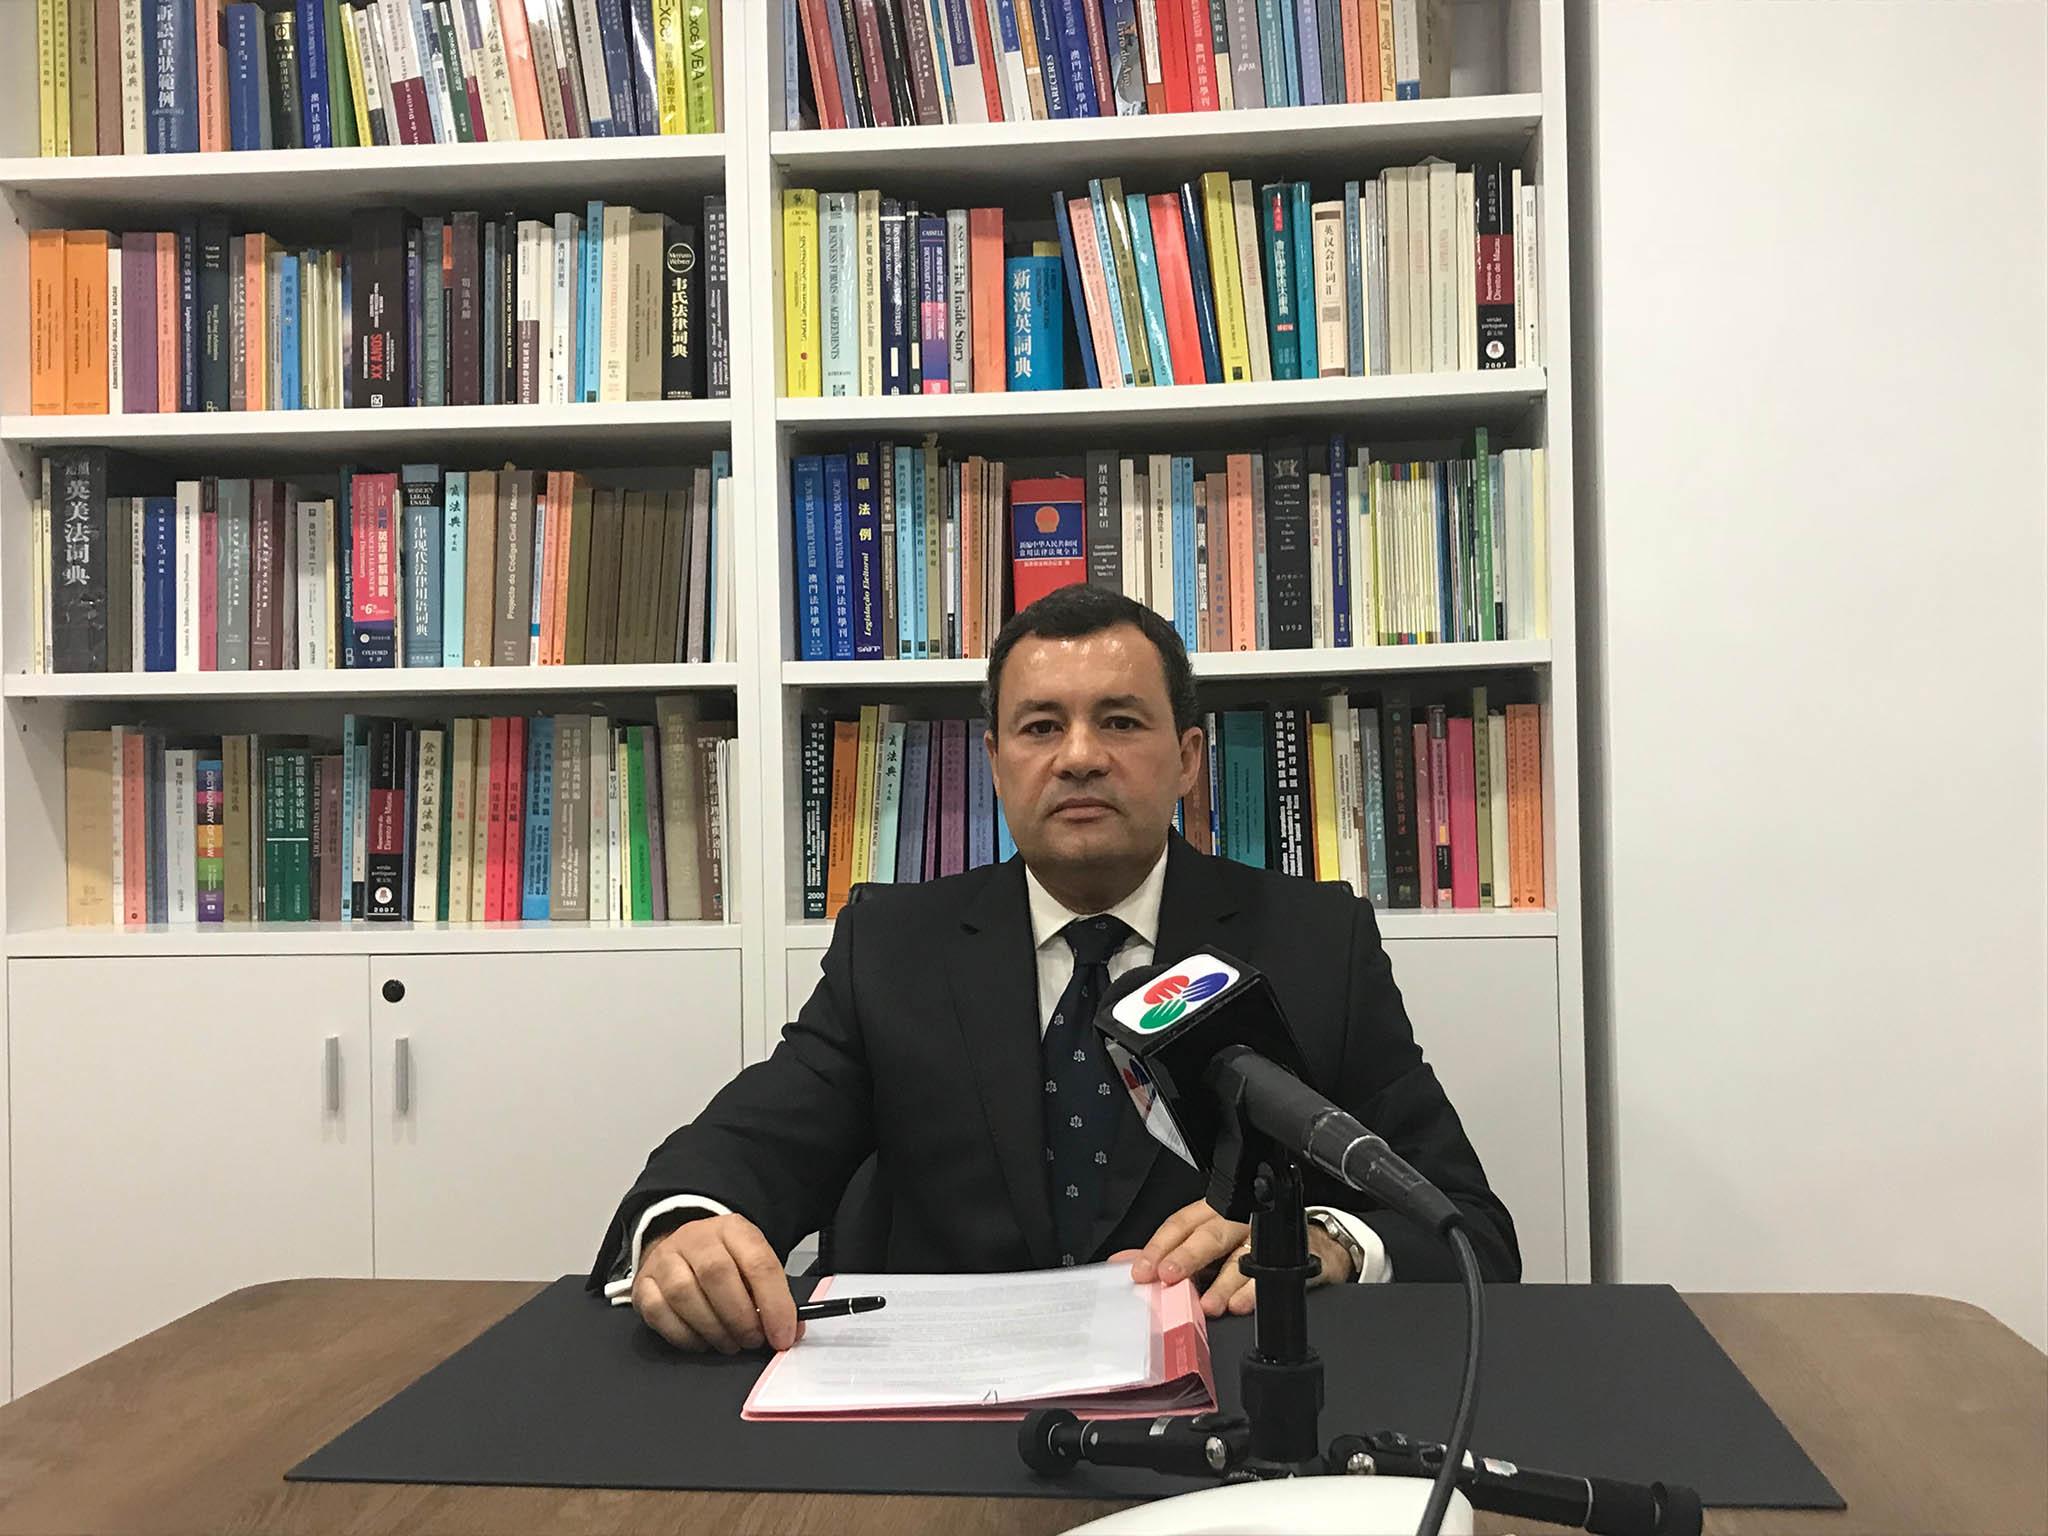 AAM | Sérgio de Almeida Correia chega-se à frente por uma associação mais activa